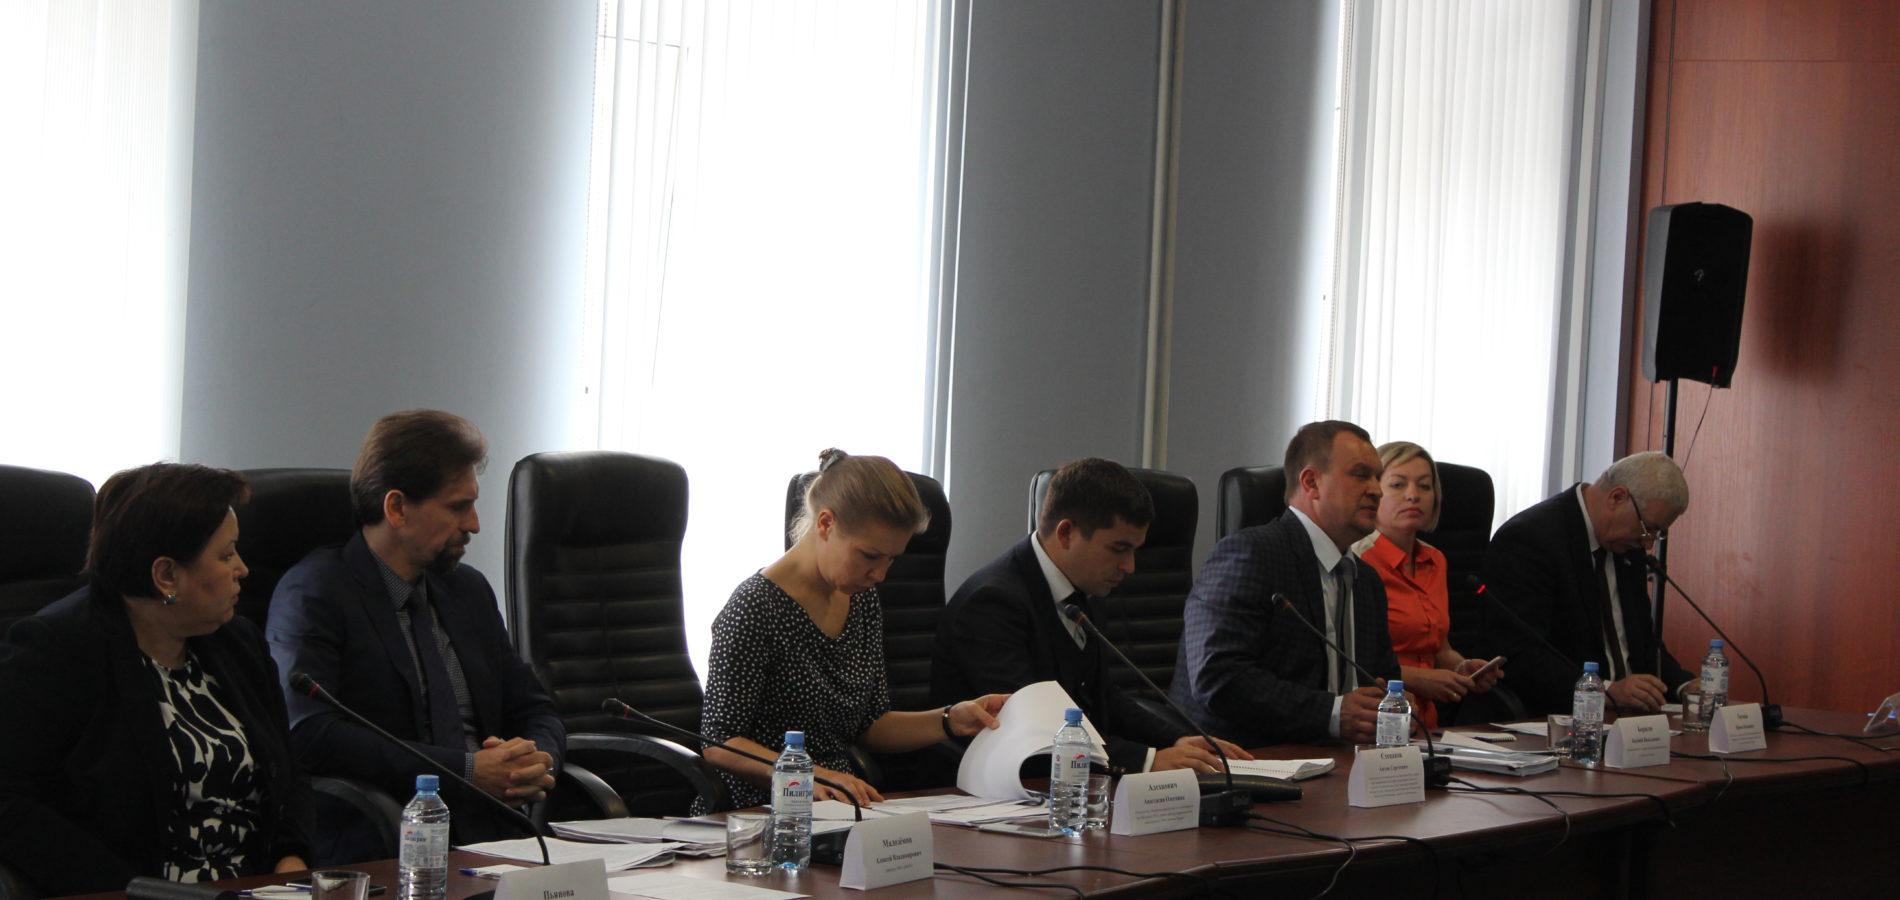 В Самаре прошло публичное обсуждение методики мотивации муниципалитетов06июня2016